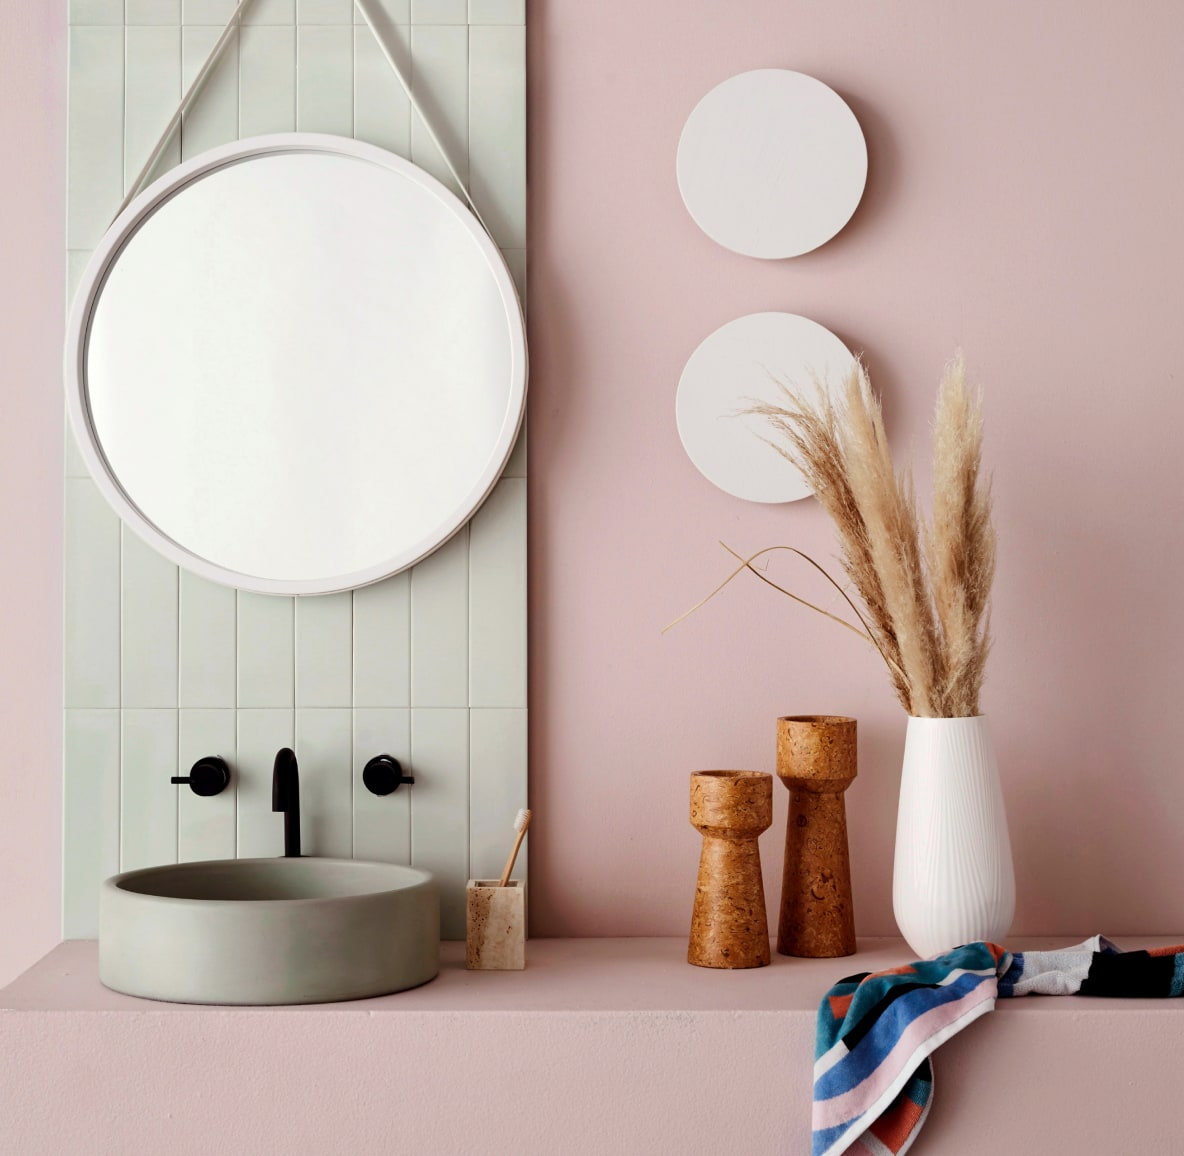 Modernes Badezimmer-Waschbecken mit Spiegel und Keramikvase